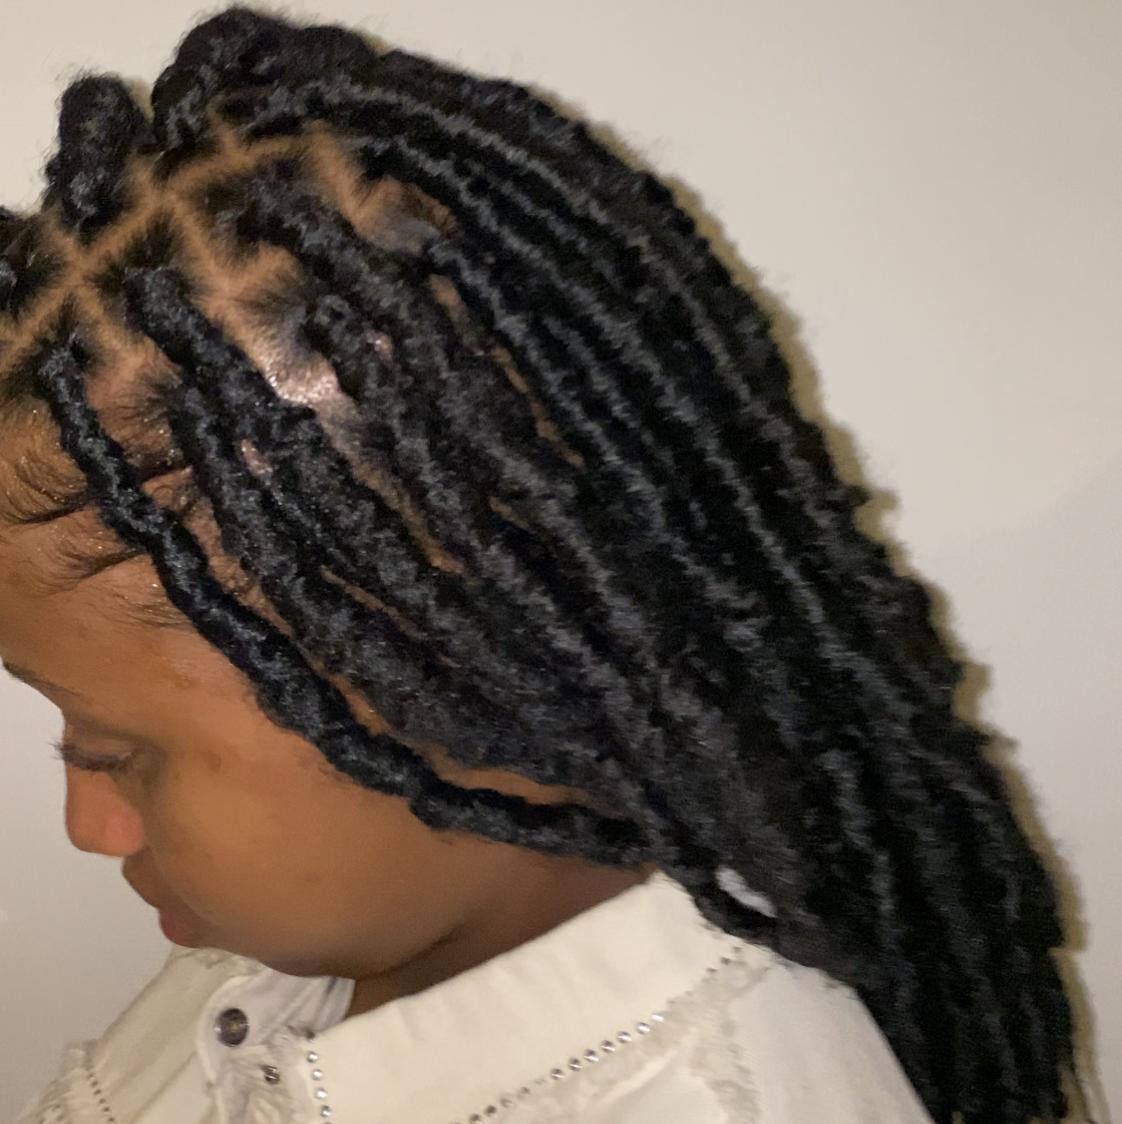 salon de coiffure afro tresse tresses box braids crochet braids vanilles tissages paris 75 77 78 91 92 93 94 95 WLPFWSLX